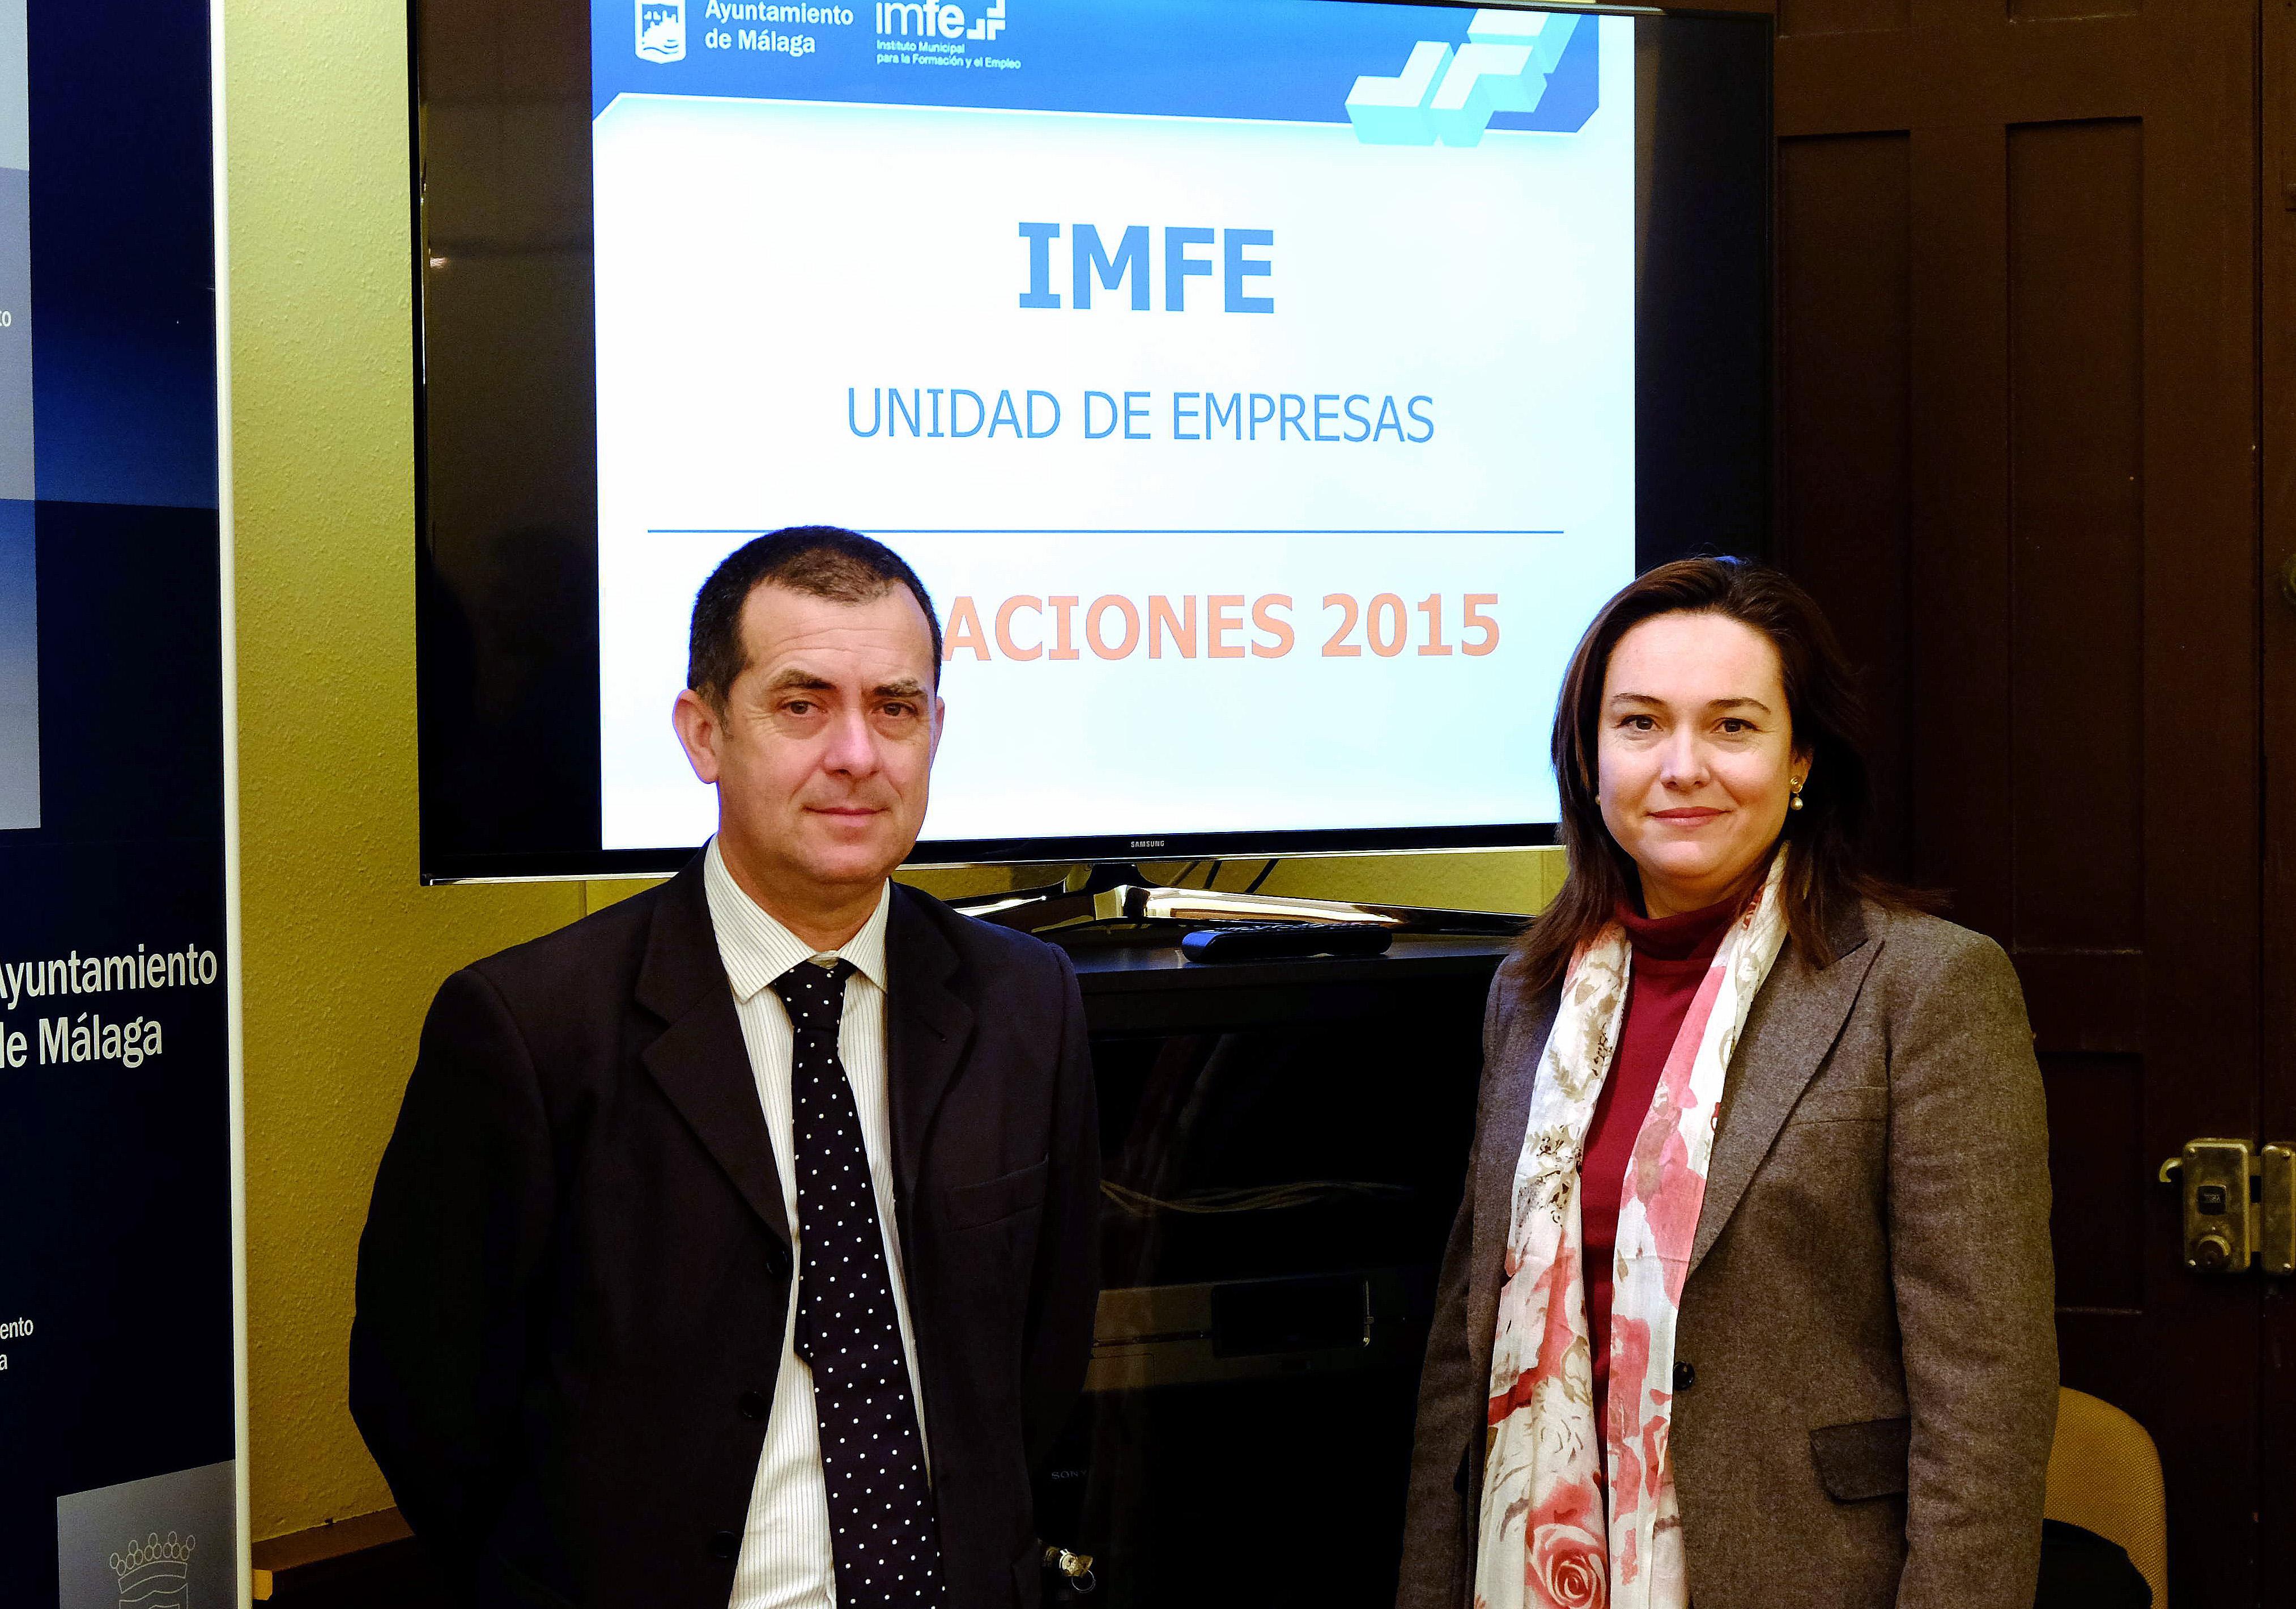 El Imfe concedió subvenciones a más de 600 empresas en 2015